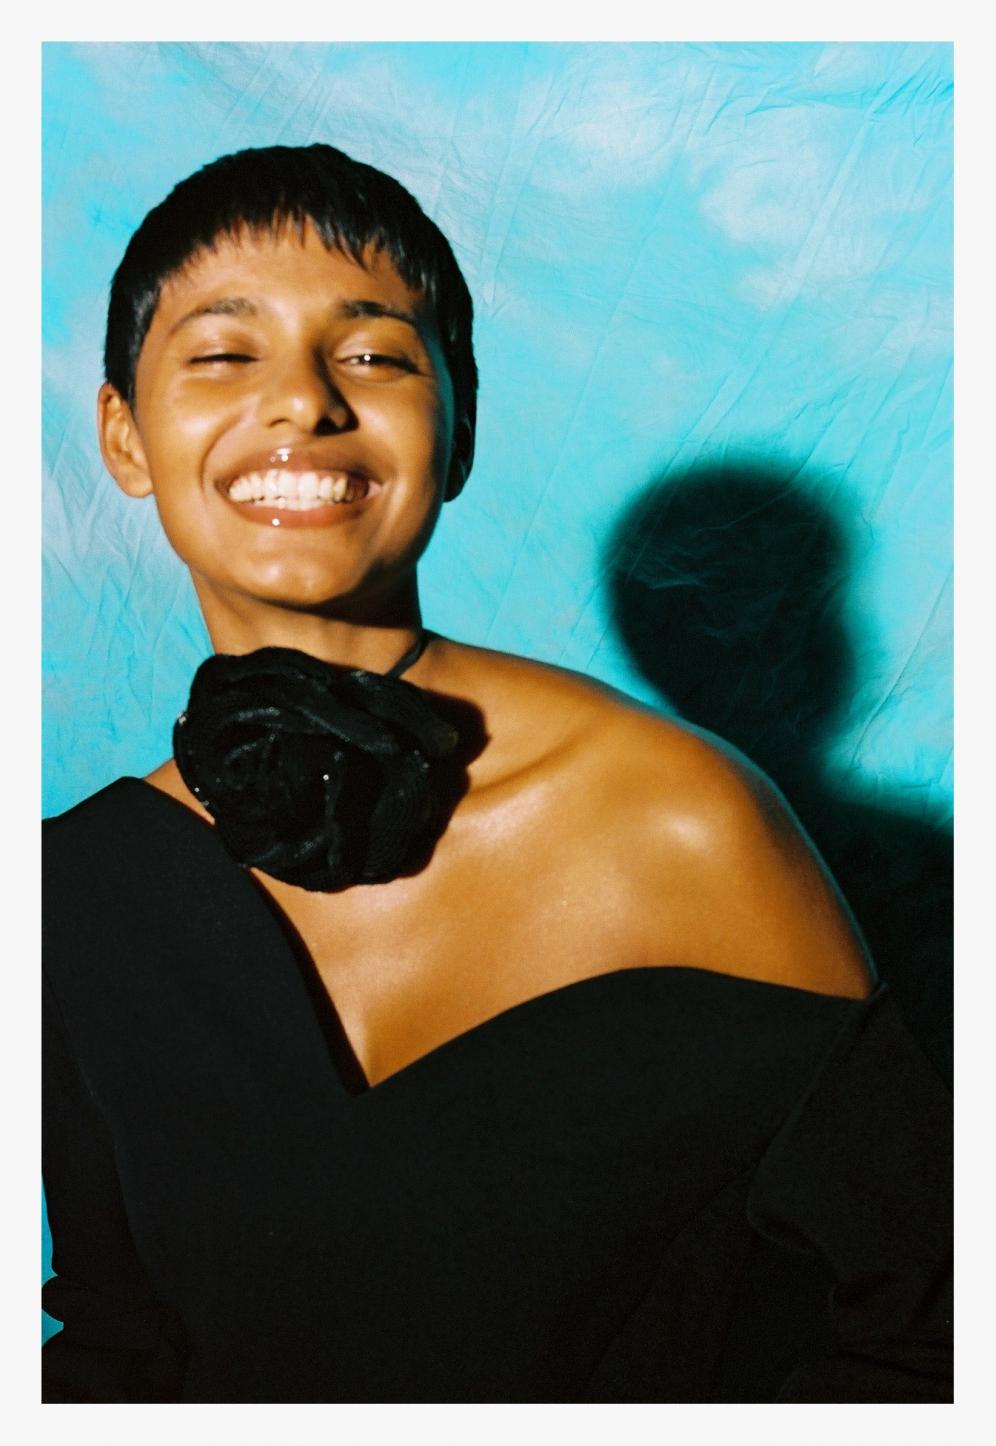 ayesha djwala | Costume